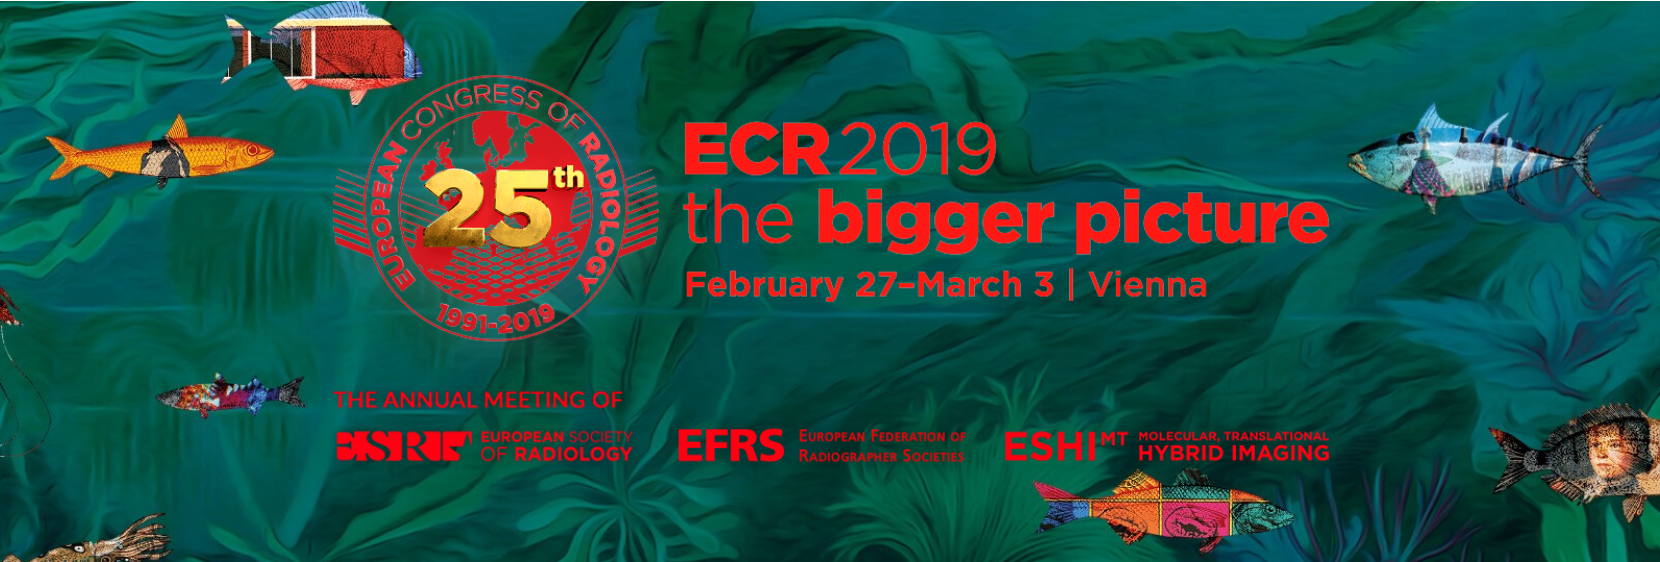 ECR — European Congress of Radiology 2019 (Европейский Конгресс Радиологии)